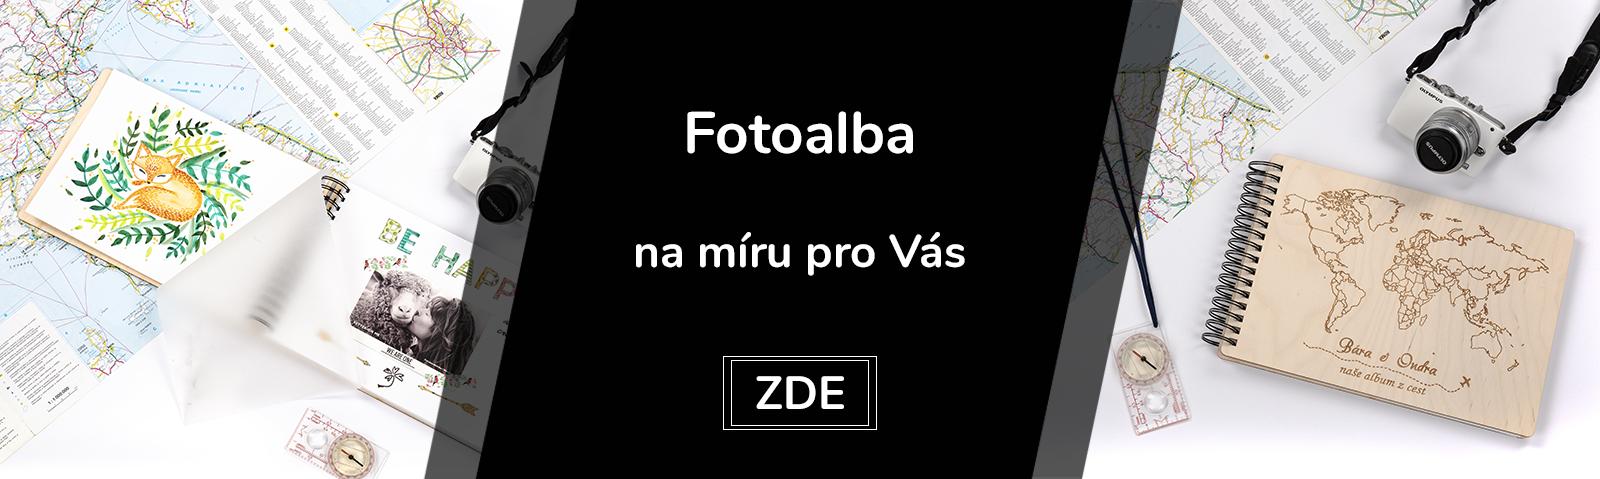 Fotoalba